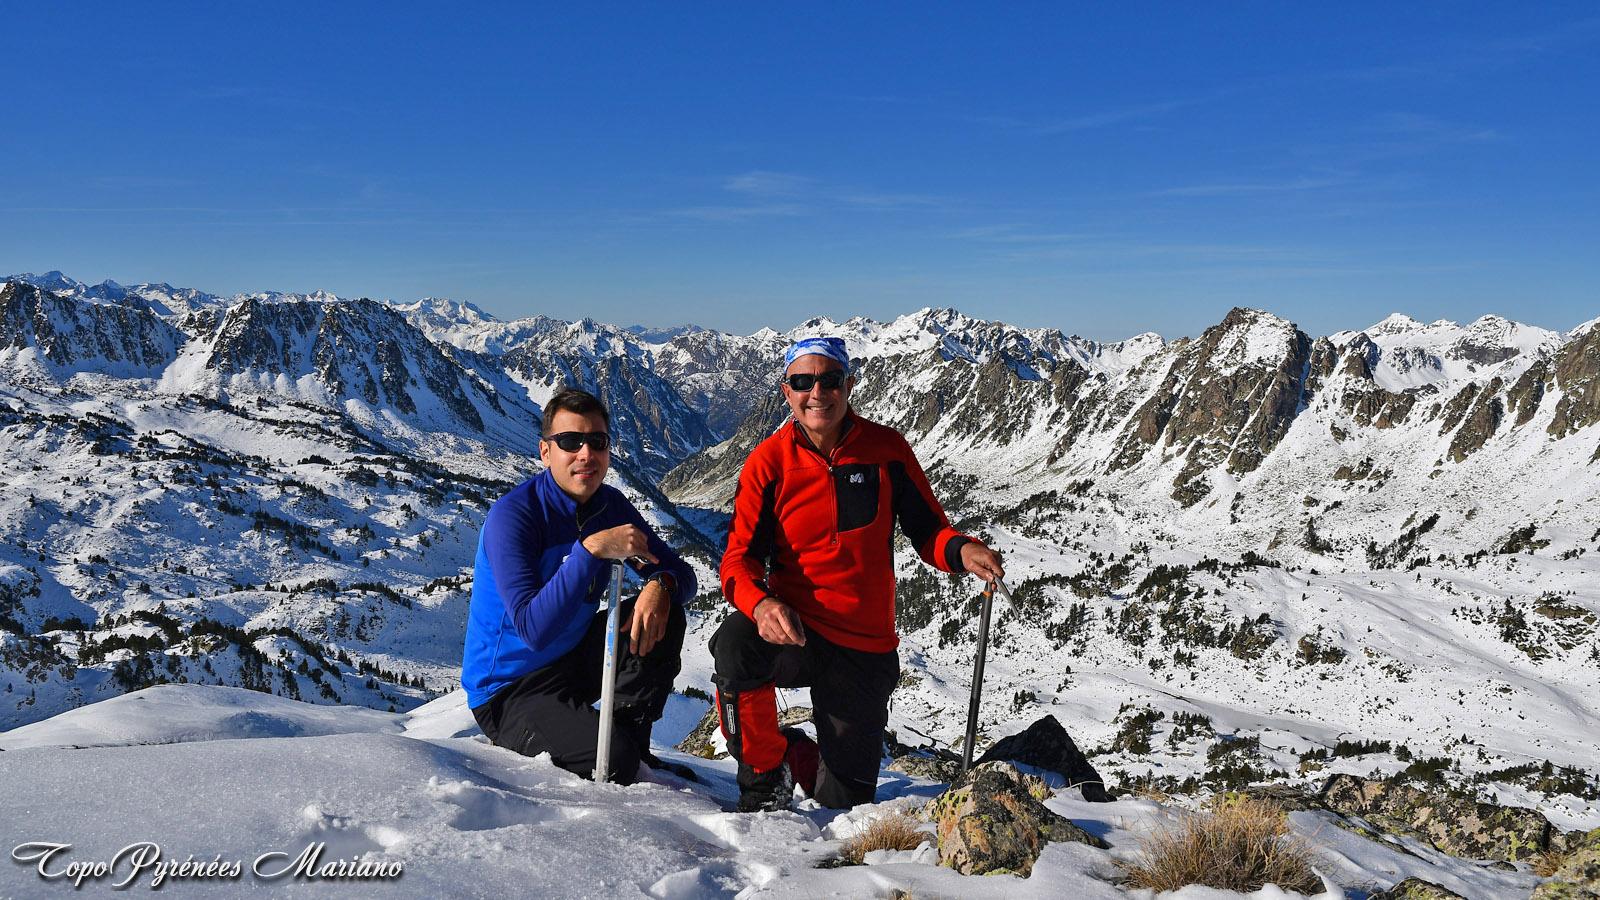 Raquettes Pic d'Aygues-Cluses (2620m) par le col de Barèges